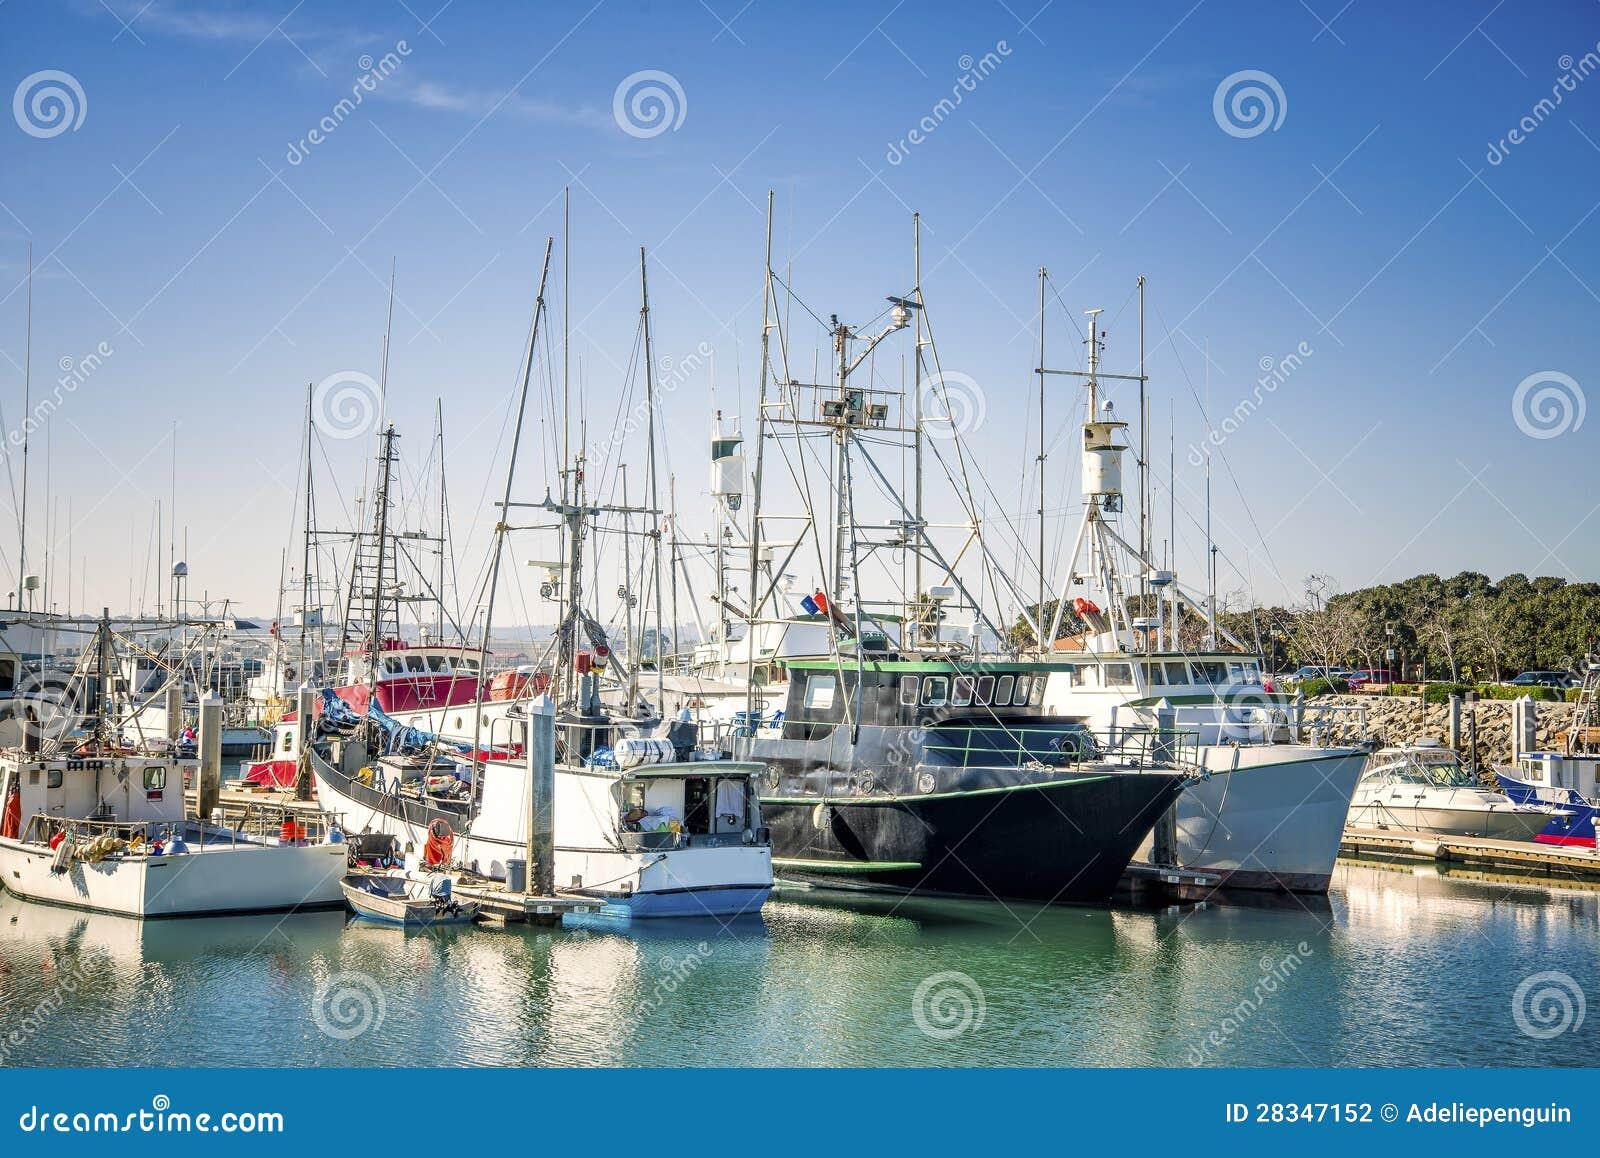 Αλιευτικά σκάφη, Σαν Ντιέγκο, Καλιφόρνια